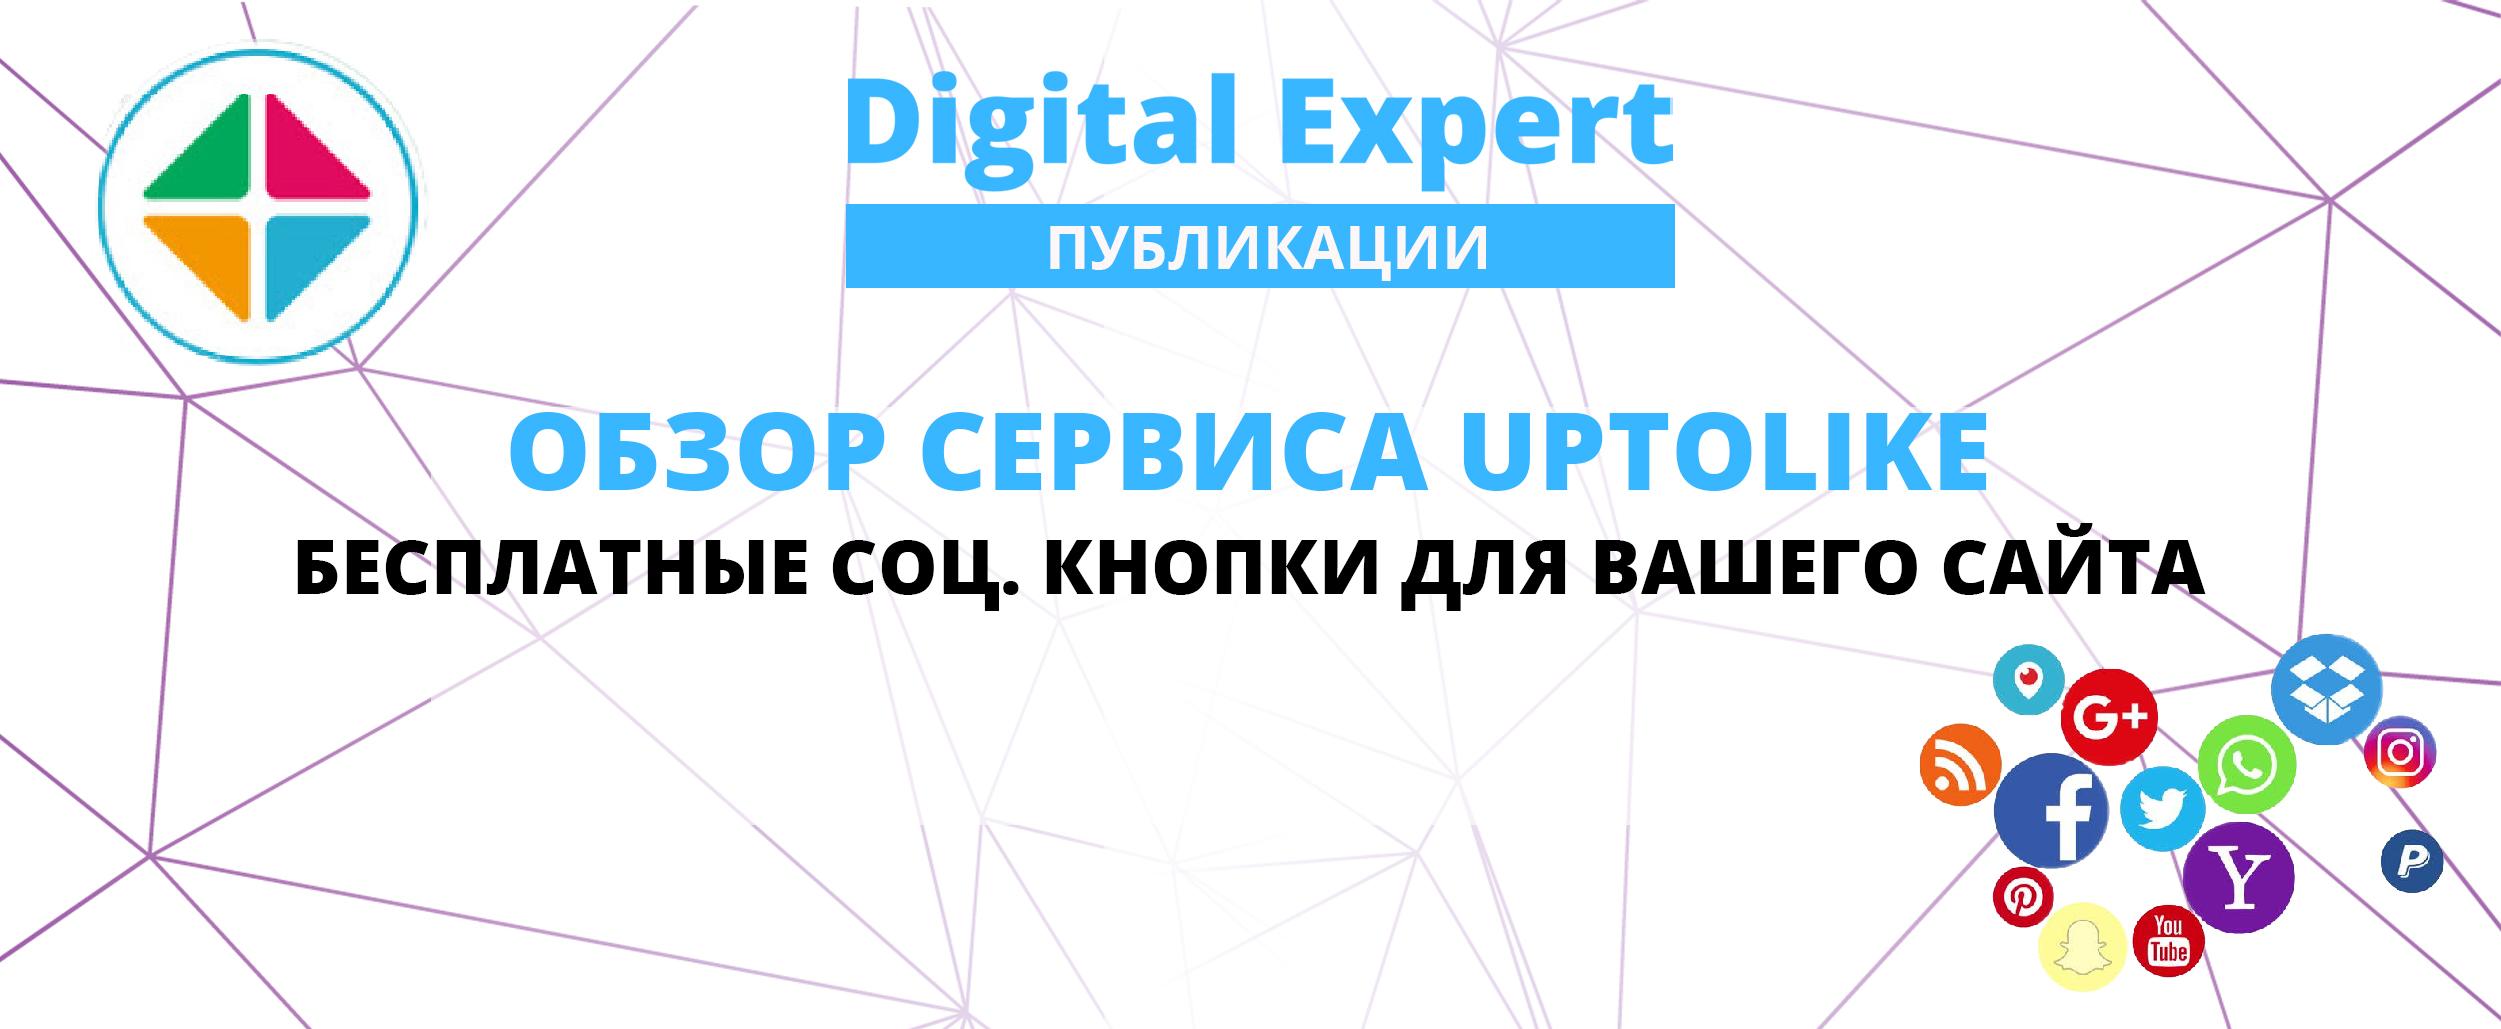 Обзор сервиса Uptolike. Бесплатные соцсети для Вашего сайта